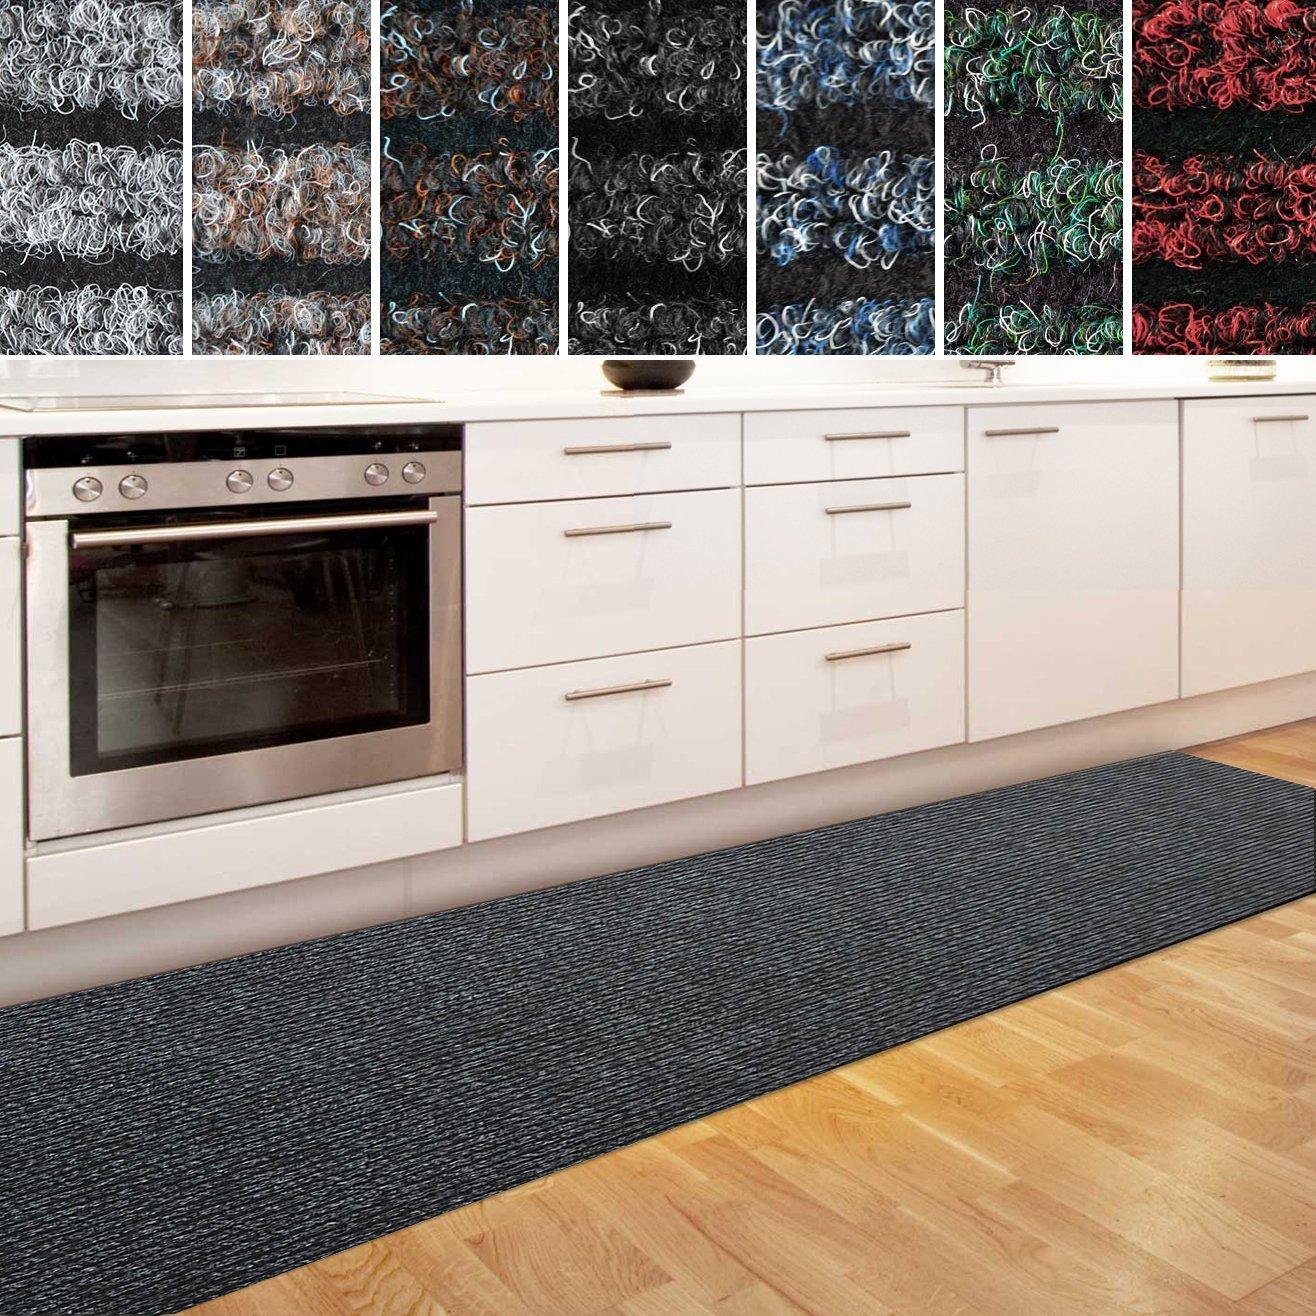 Casa pura Küchenläufer Granada in großer Auswahl   strapazierfähiger Teppich Läufer für Küche Flur UVM.   Rutschfester Teppichläufer Flurläufer für alle Böden (80x600 cm Anthrazit)